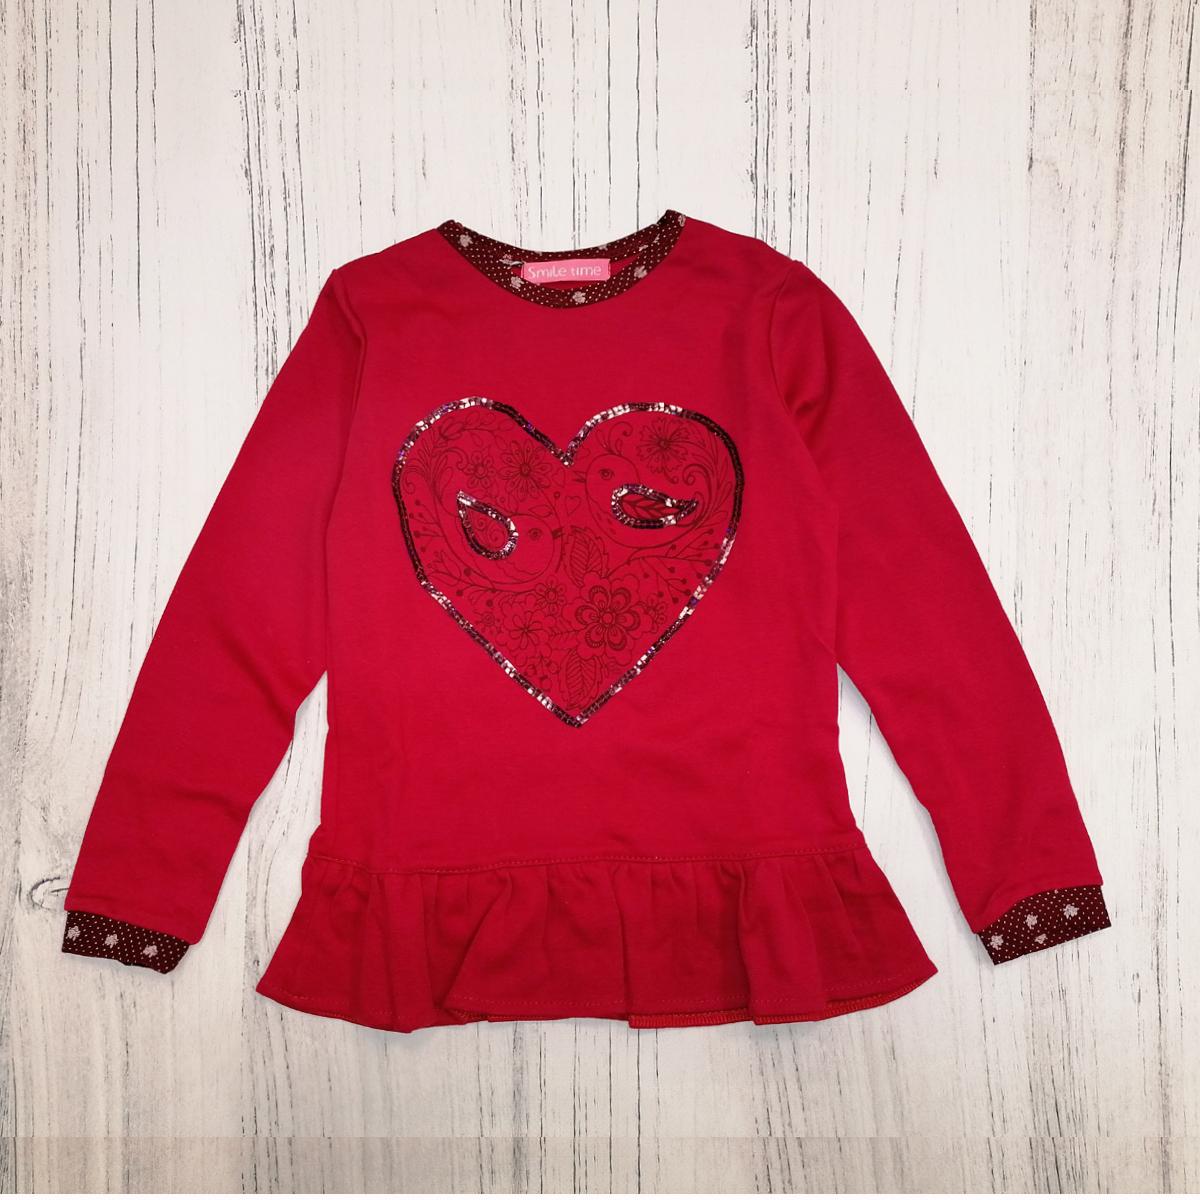 Реглан детский для девочки SmileTime LoveBird, красный